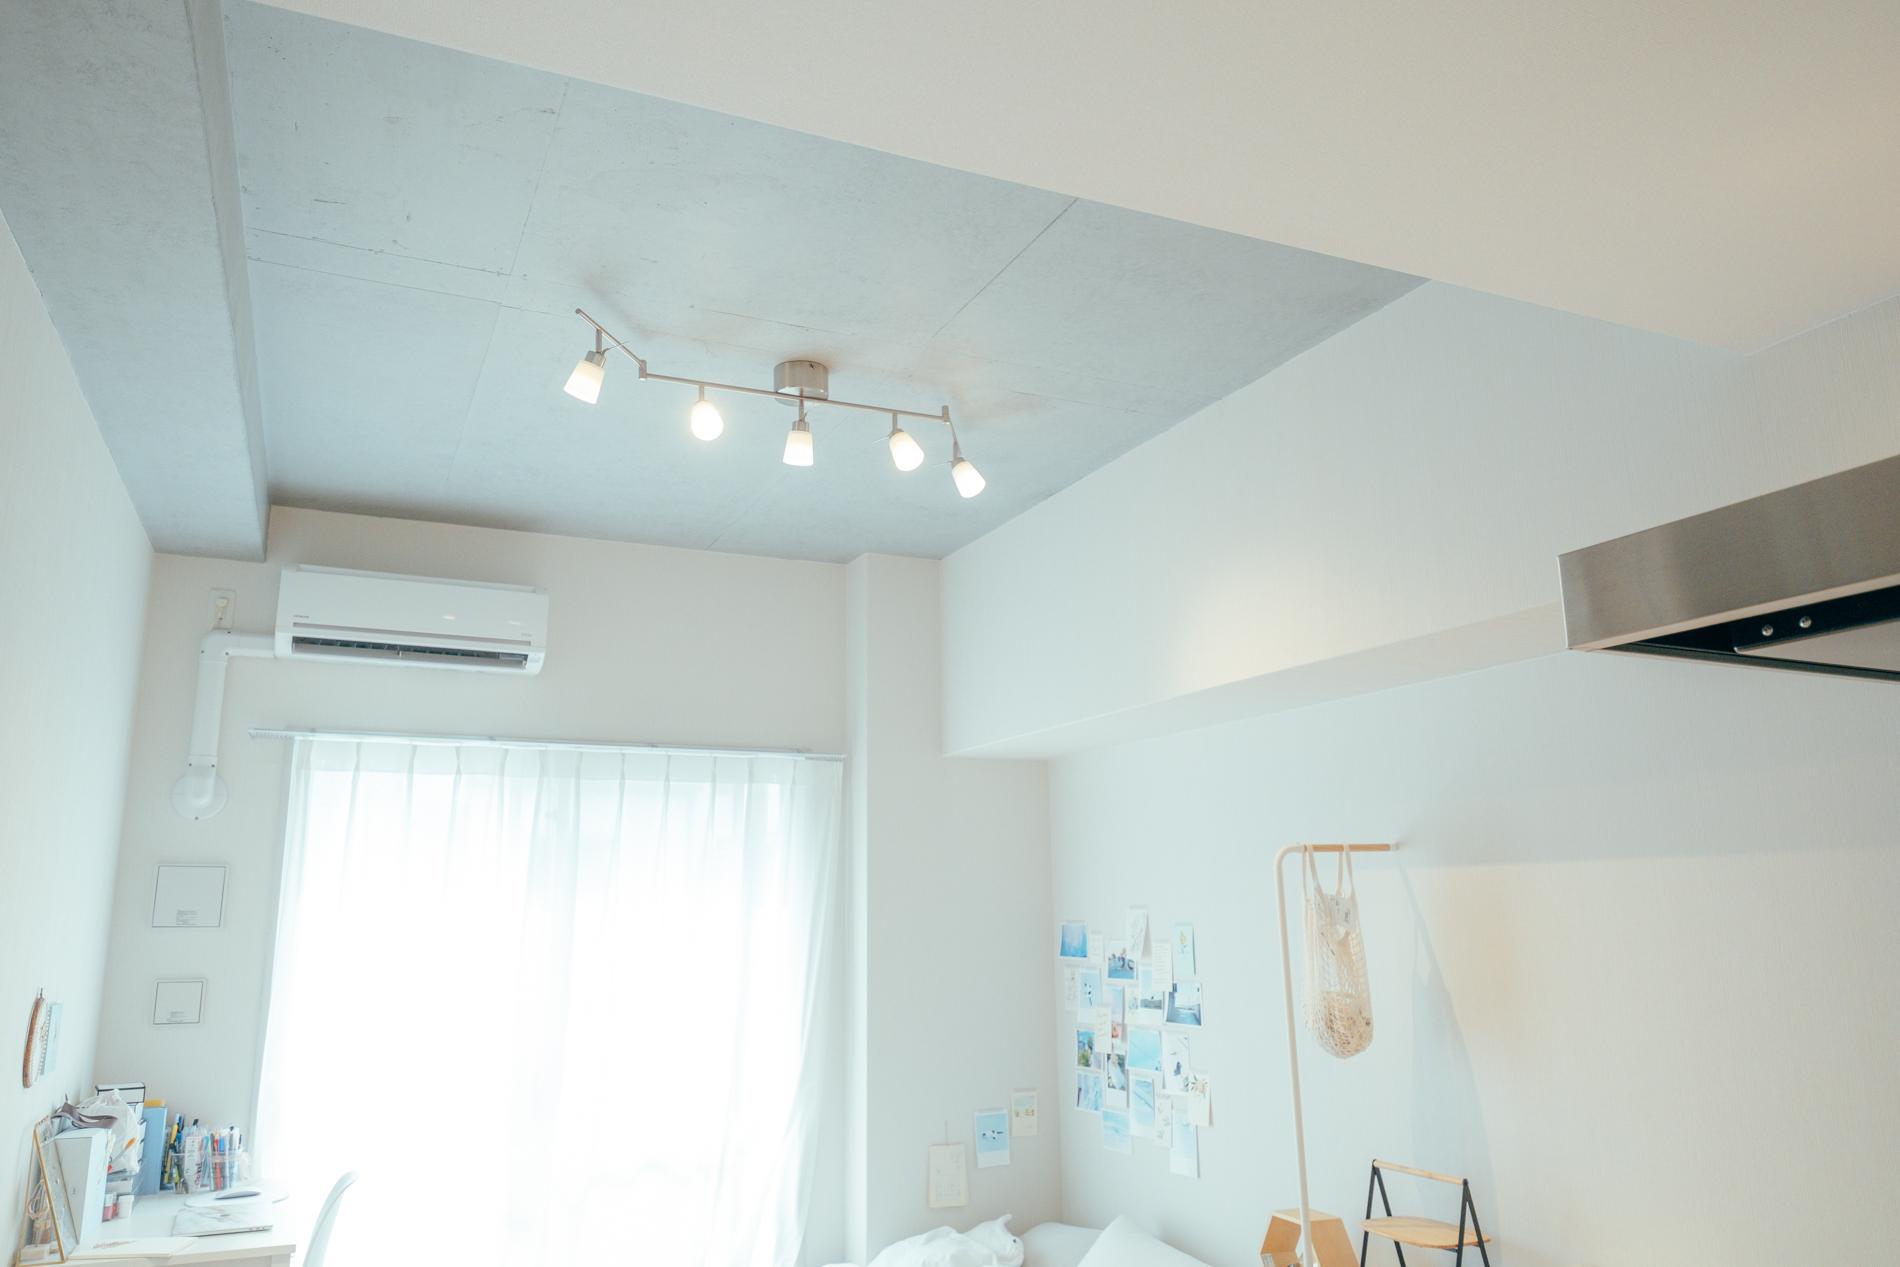 引掛けシーリングタイプのお部屋でも、こんな風にスポットライトが複数ついたものをつけることも可能です。